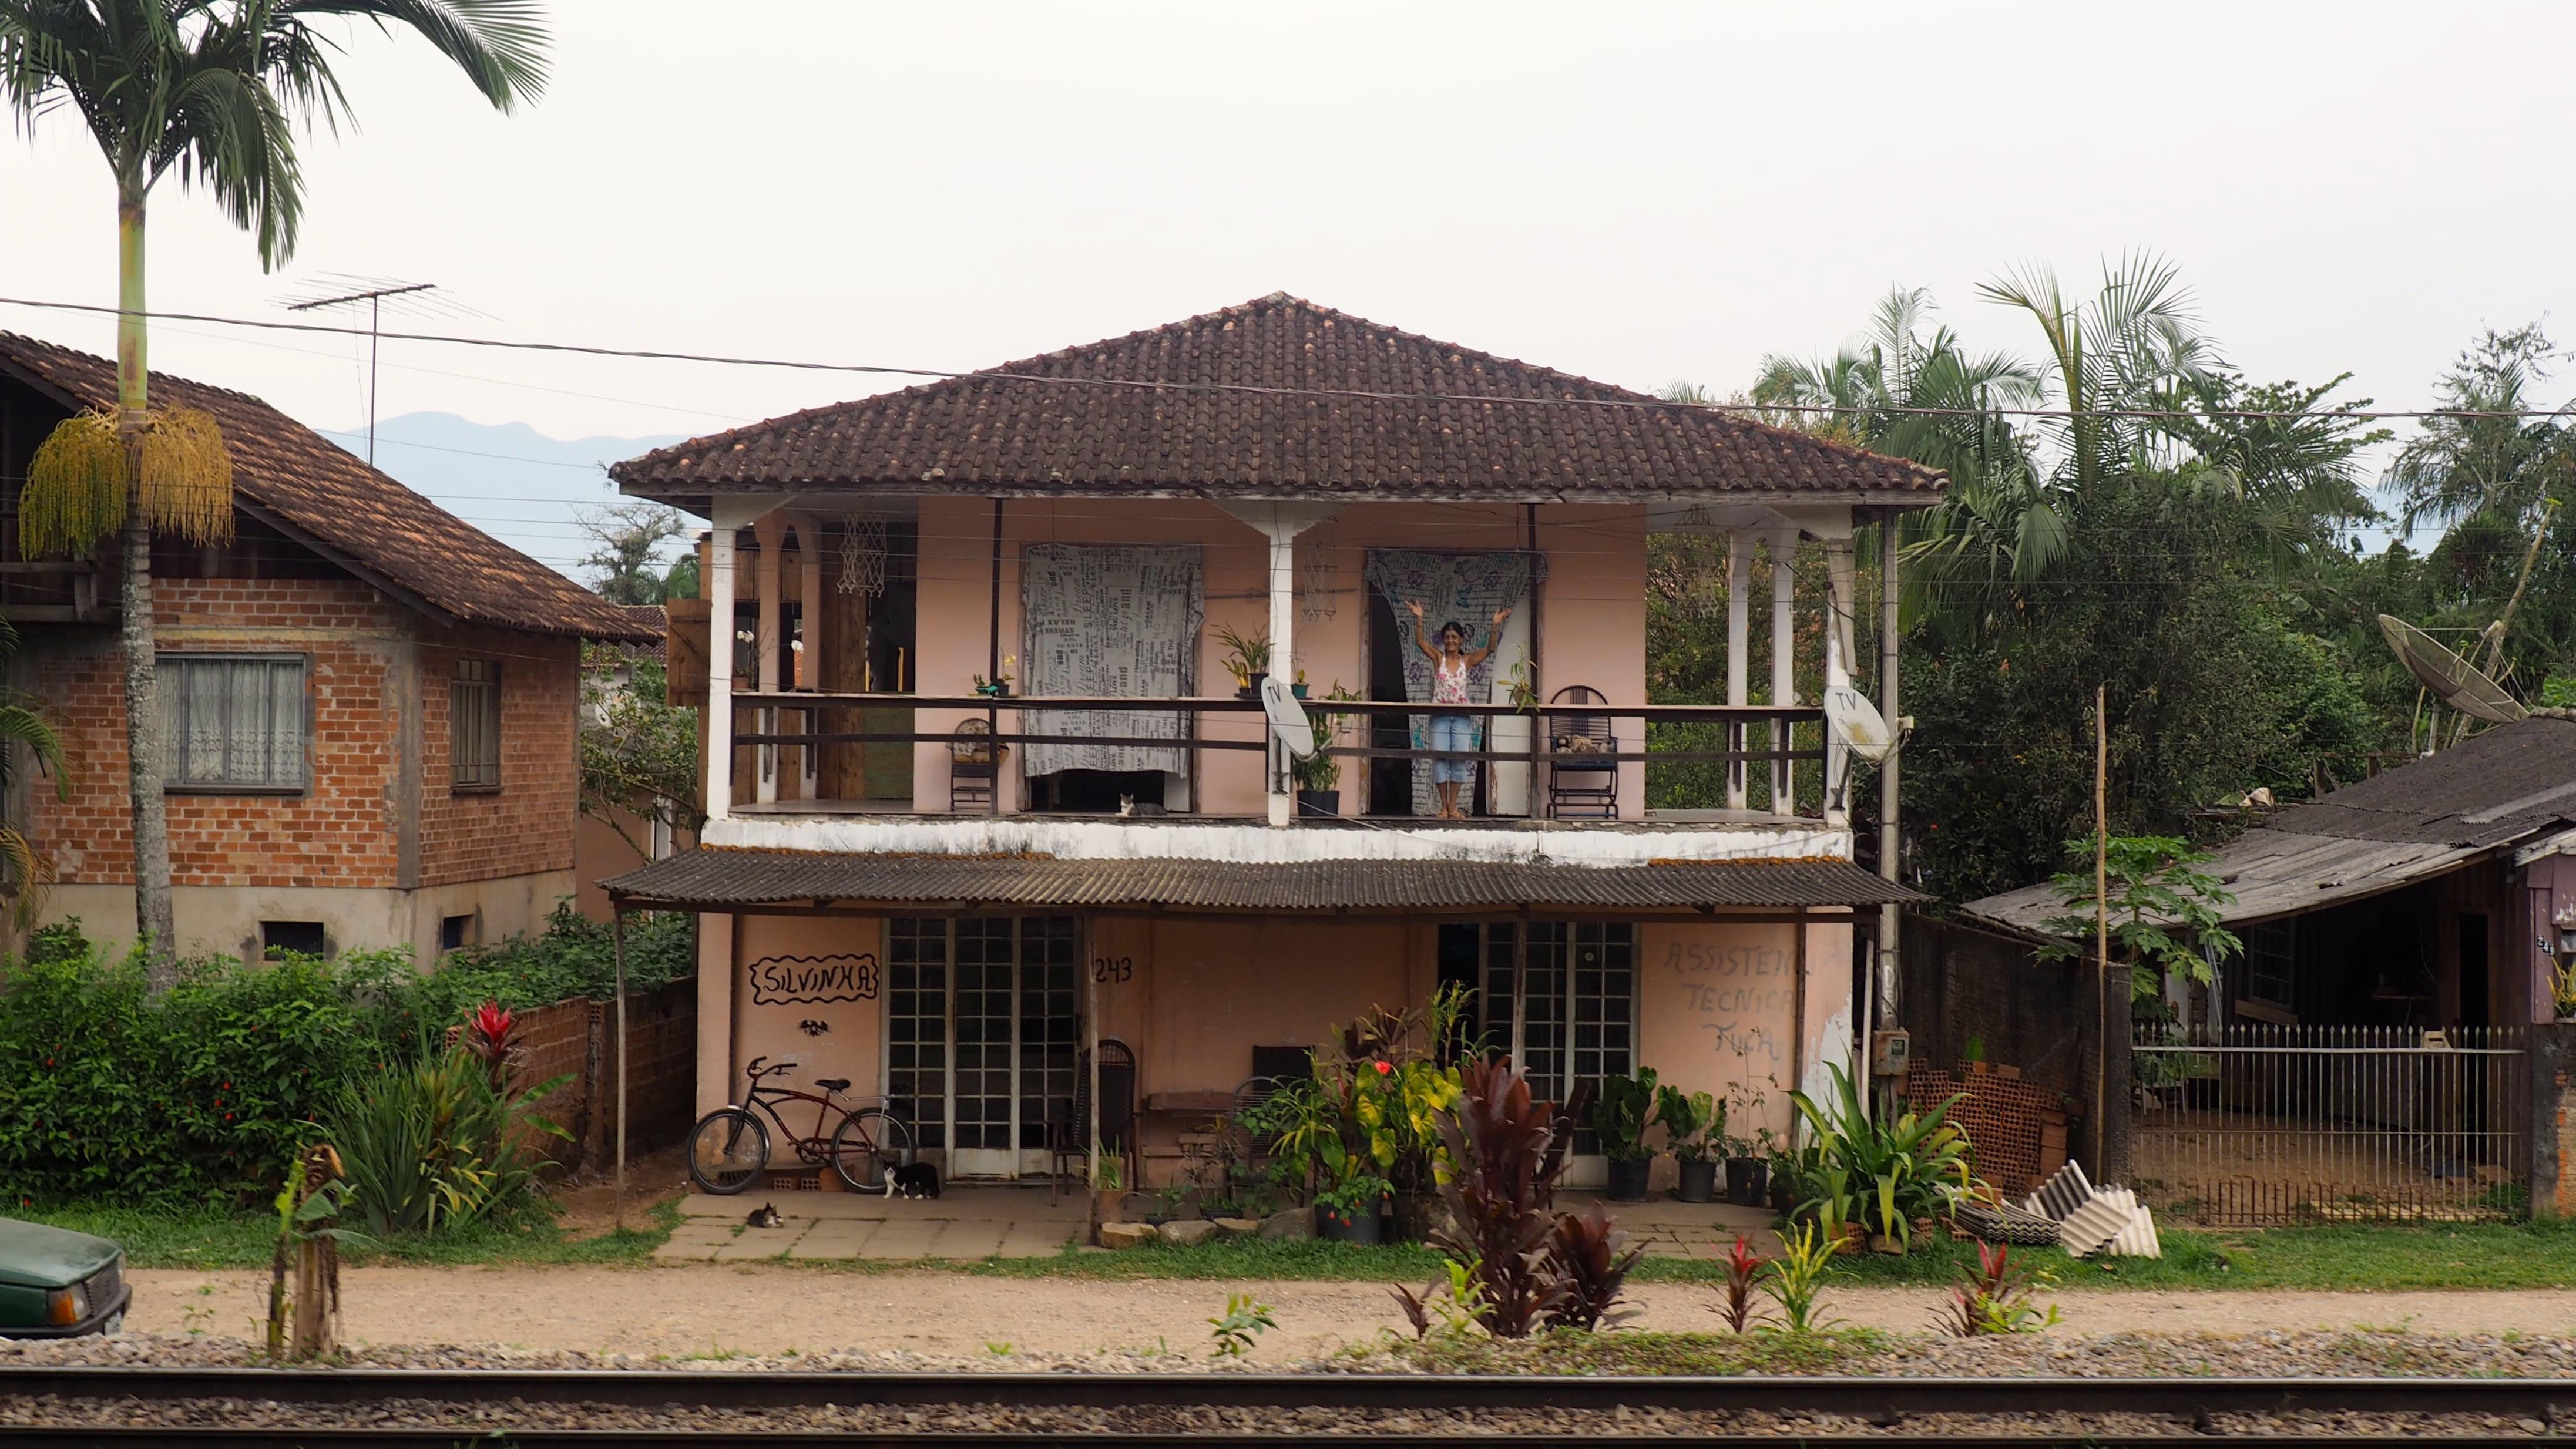 Llegando al final del trayecto que cubre el tren turístico de Curitiba a Morretes